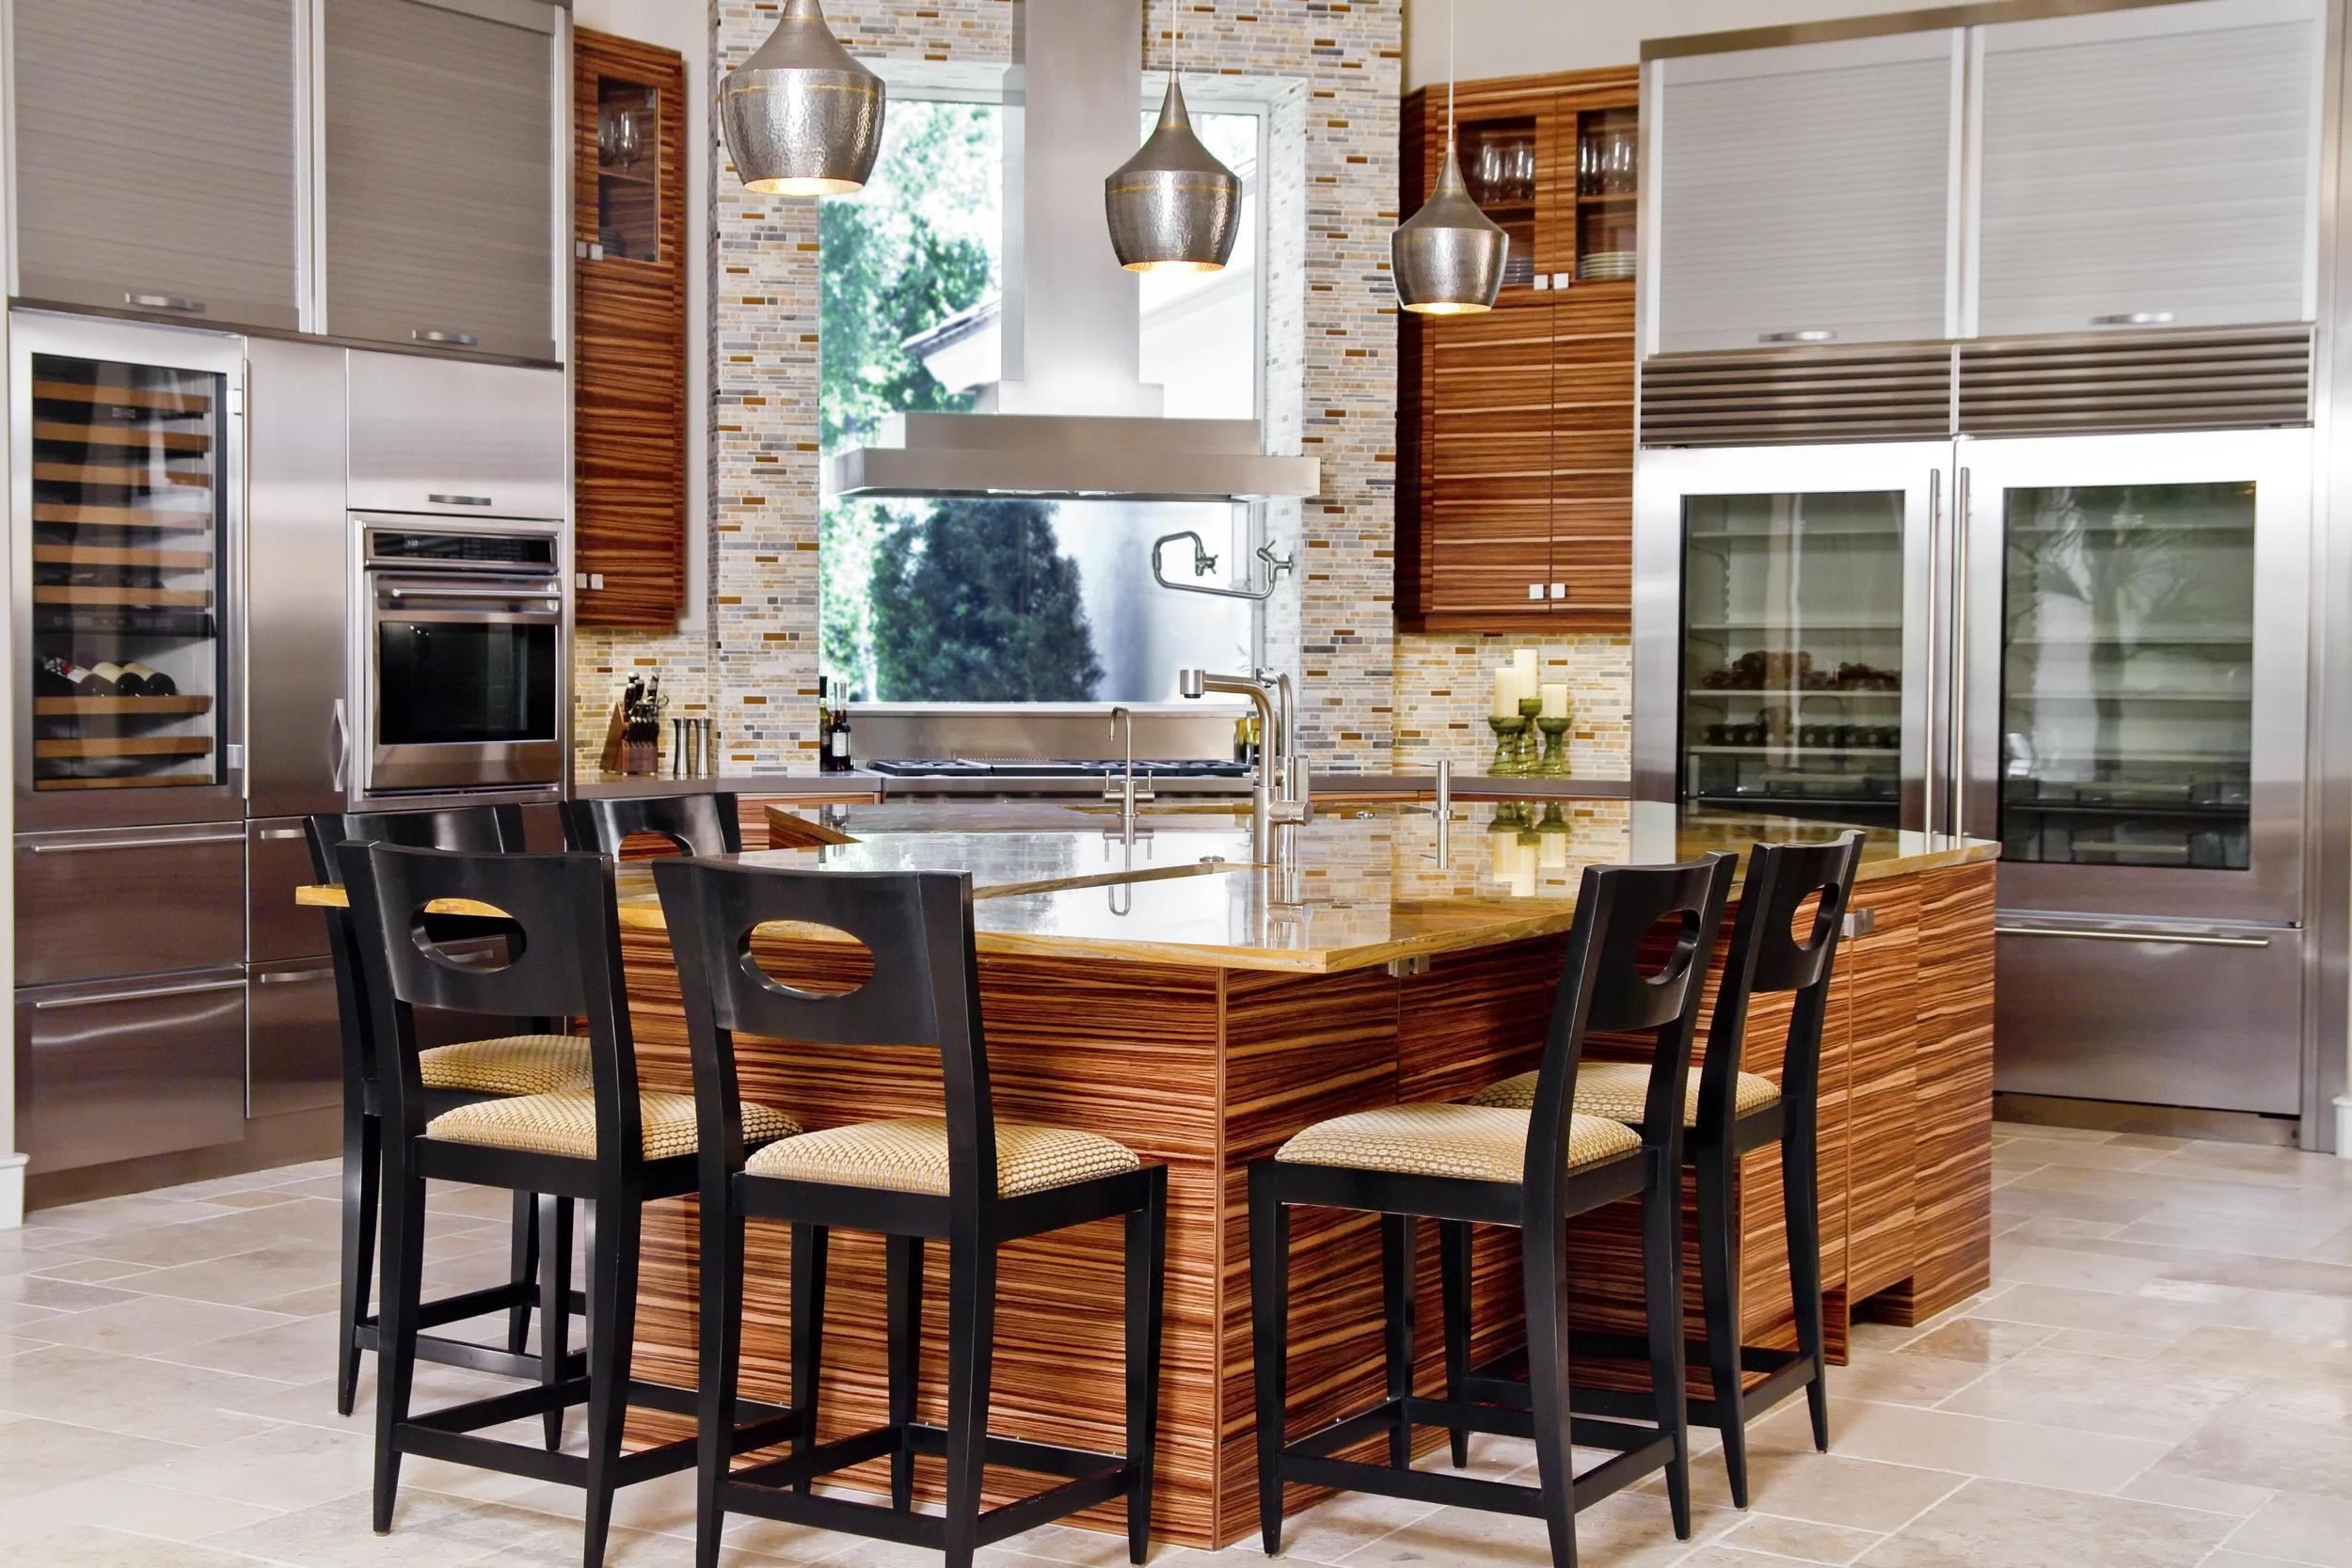 Rivercrest kitchen.jpeg